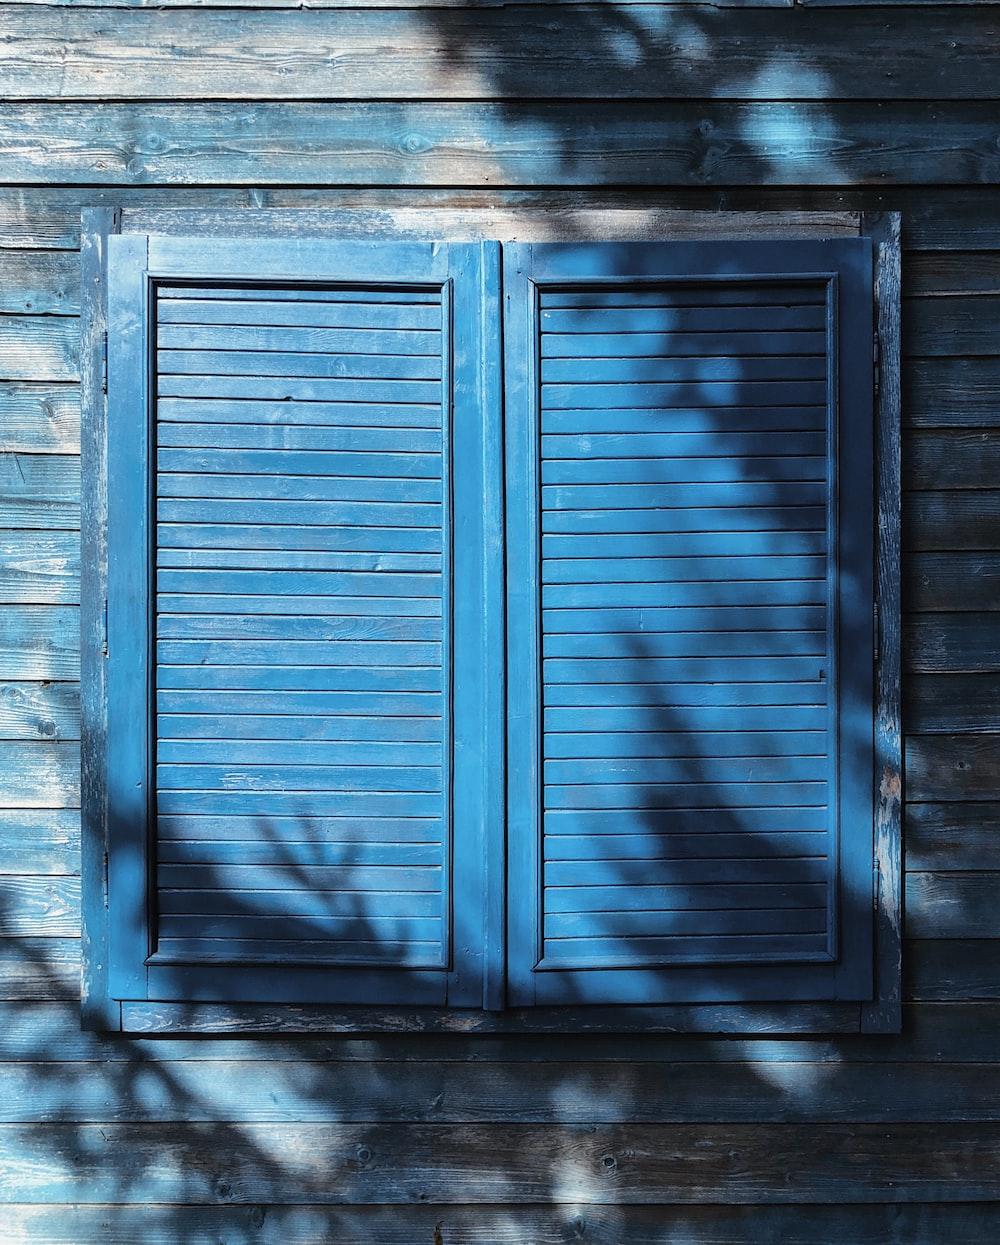 closed blue window